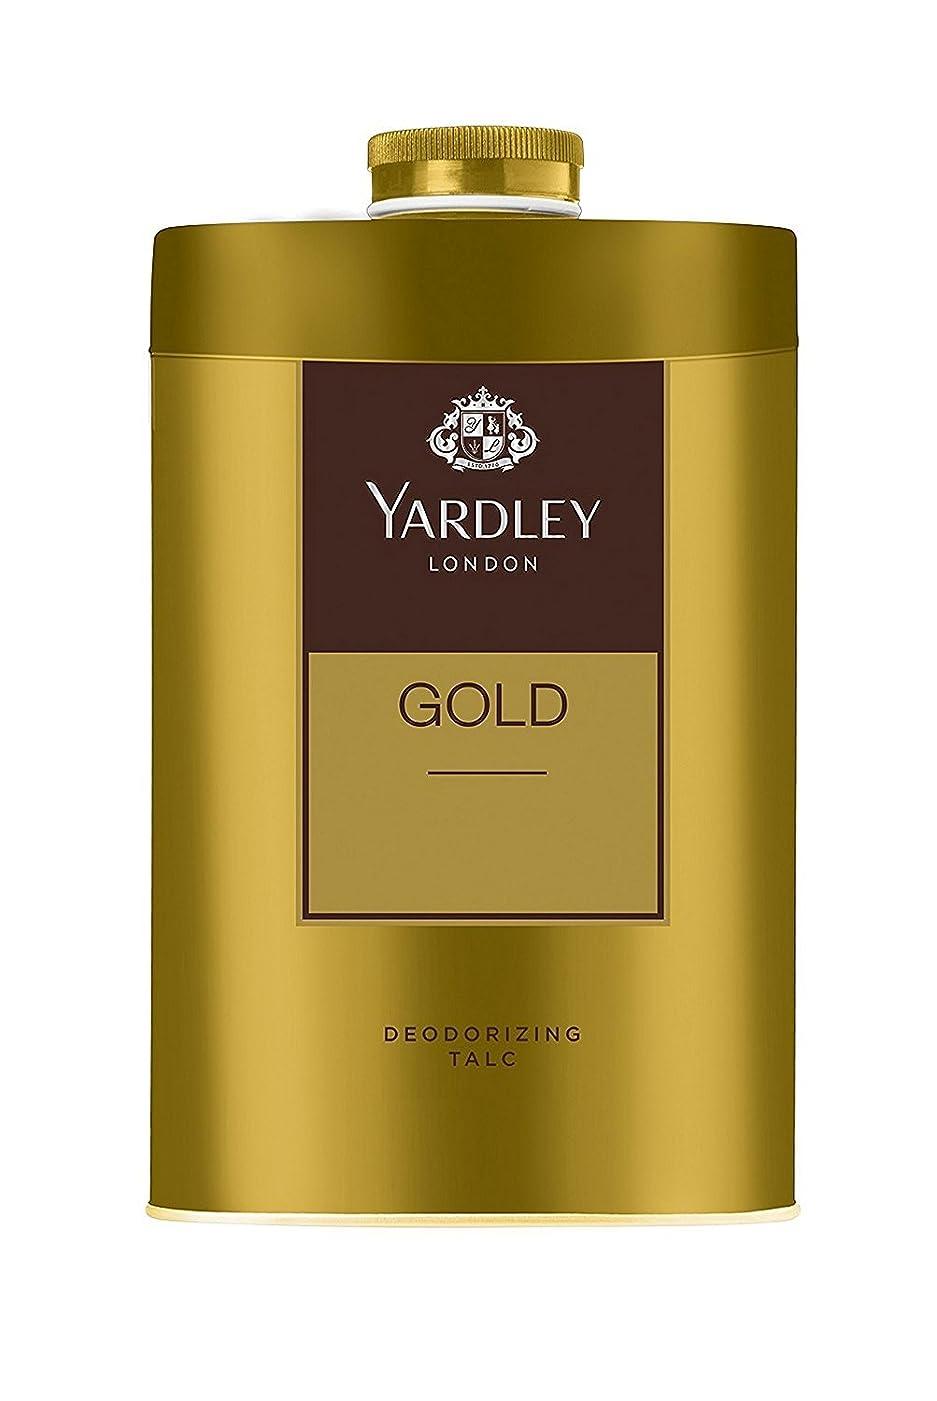 表示発生祈るYardley London - Gold Deodorizing Talc for Men, 250g